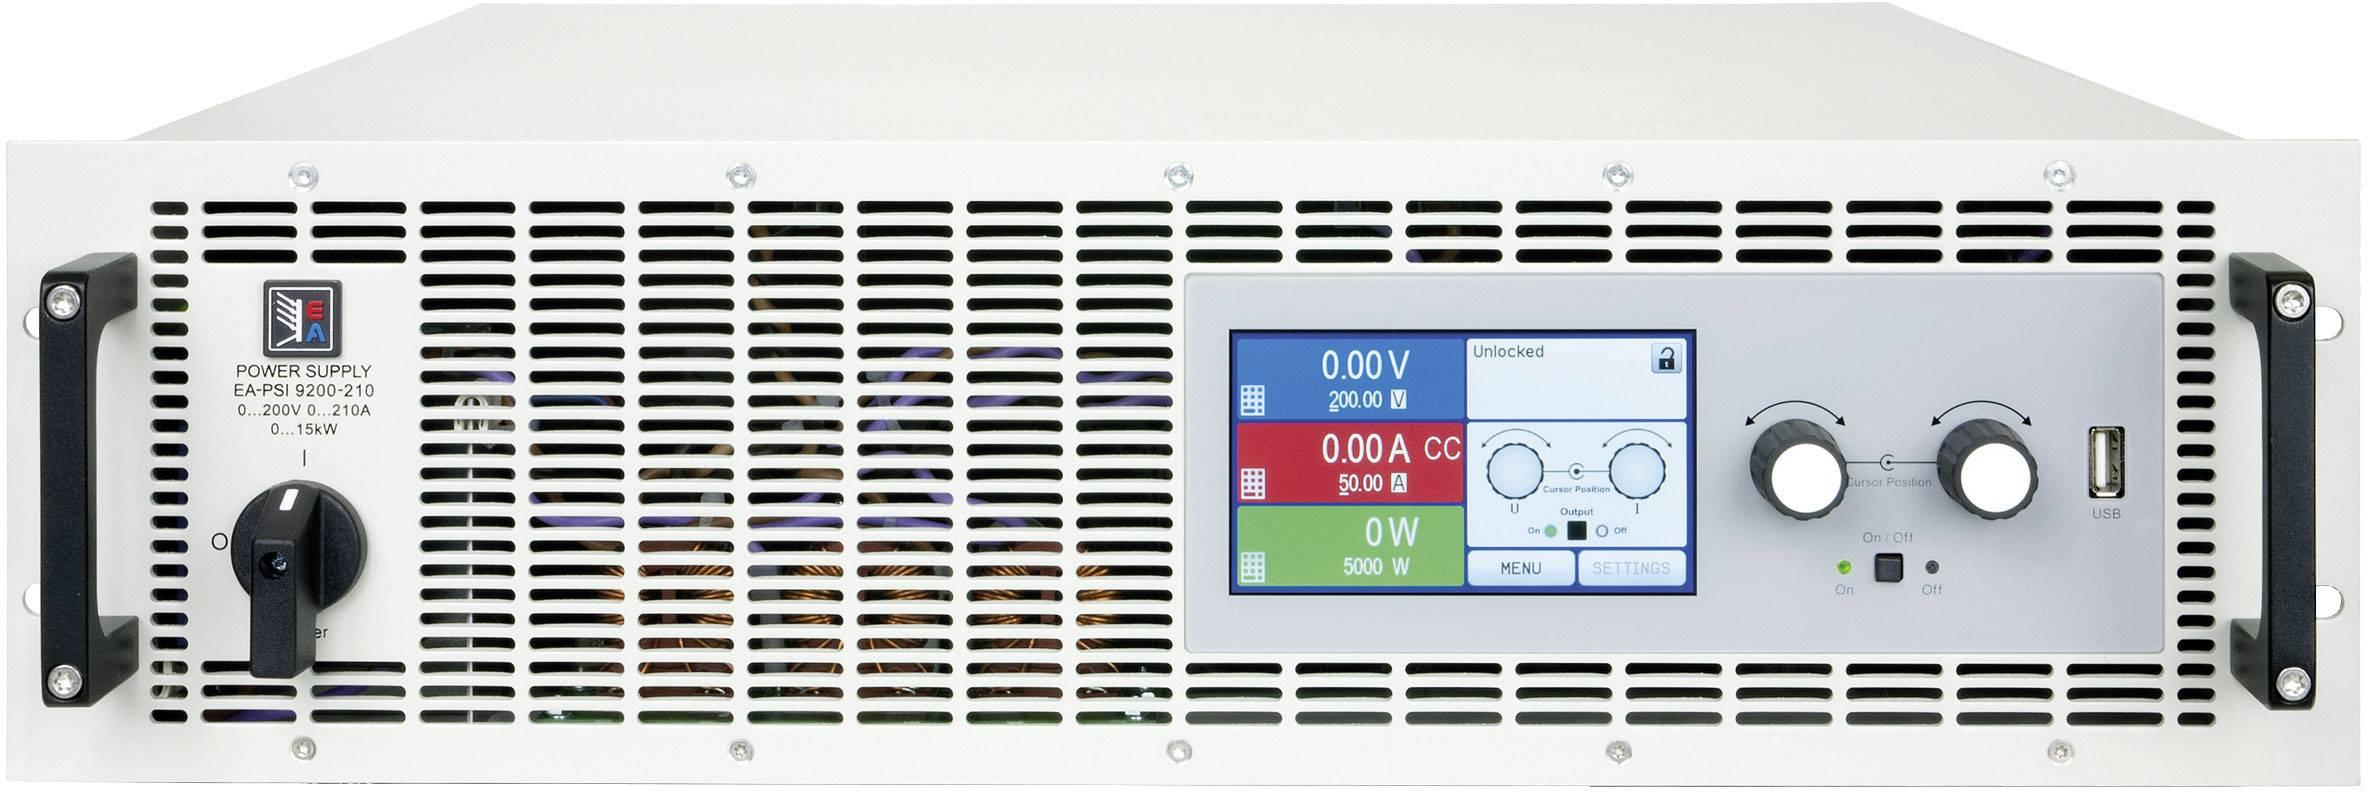 Programovatelný laboratorní zdroj EA EA-PSI 9040-170, 3U, 40 V, 170 A, 3300 W, USB